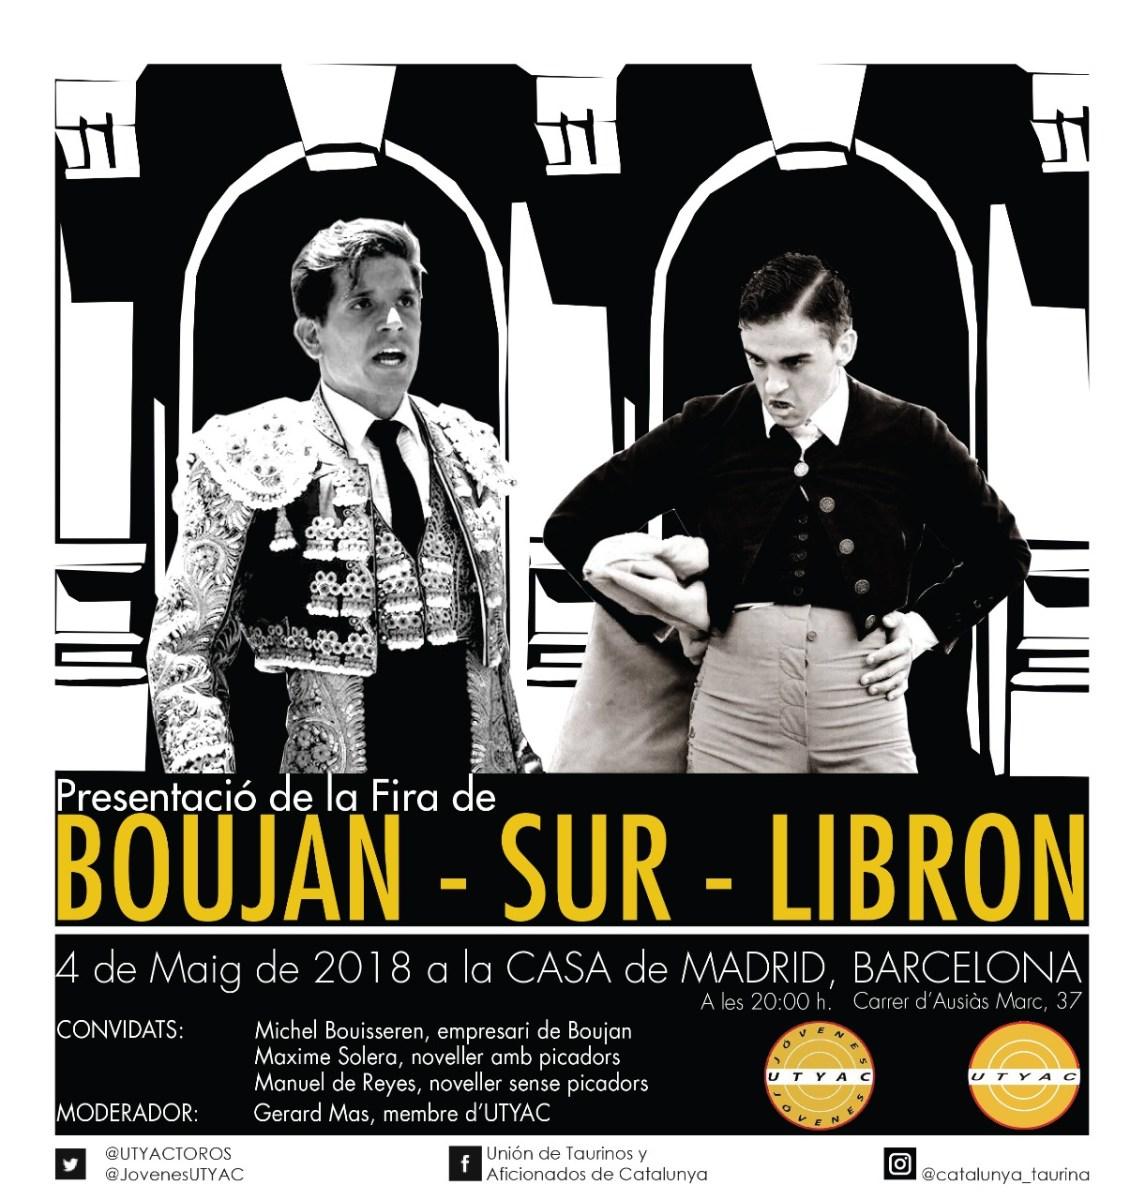 La fira de Boujan es presentarà a Barcelona de la mà de la UTYAC